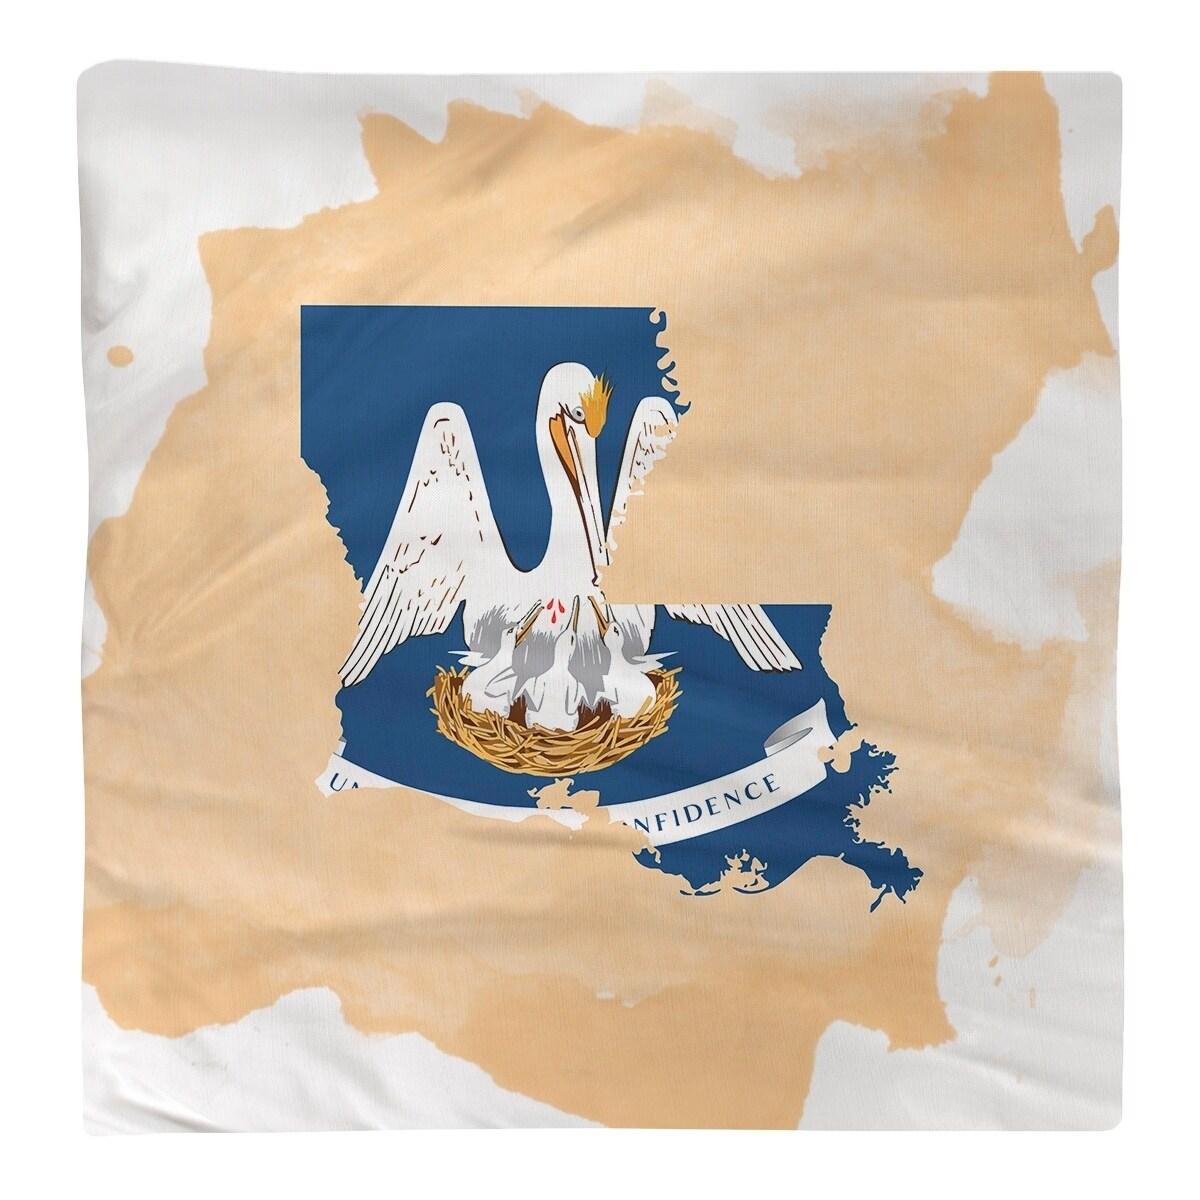 Louisiana State Napkin Overstock 28528277